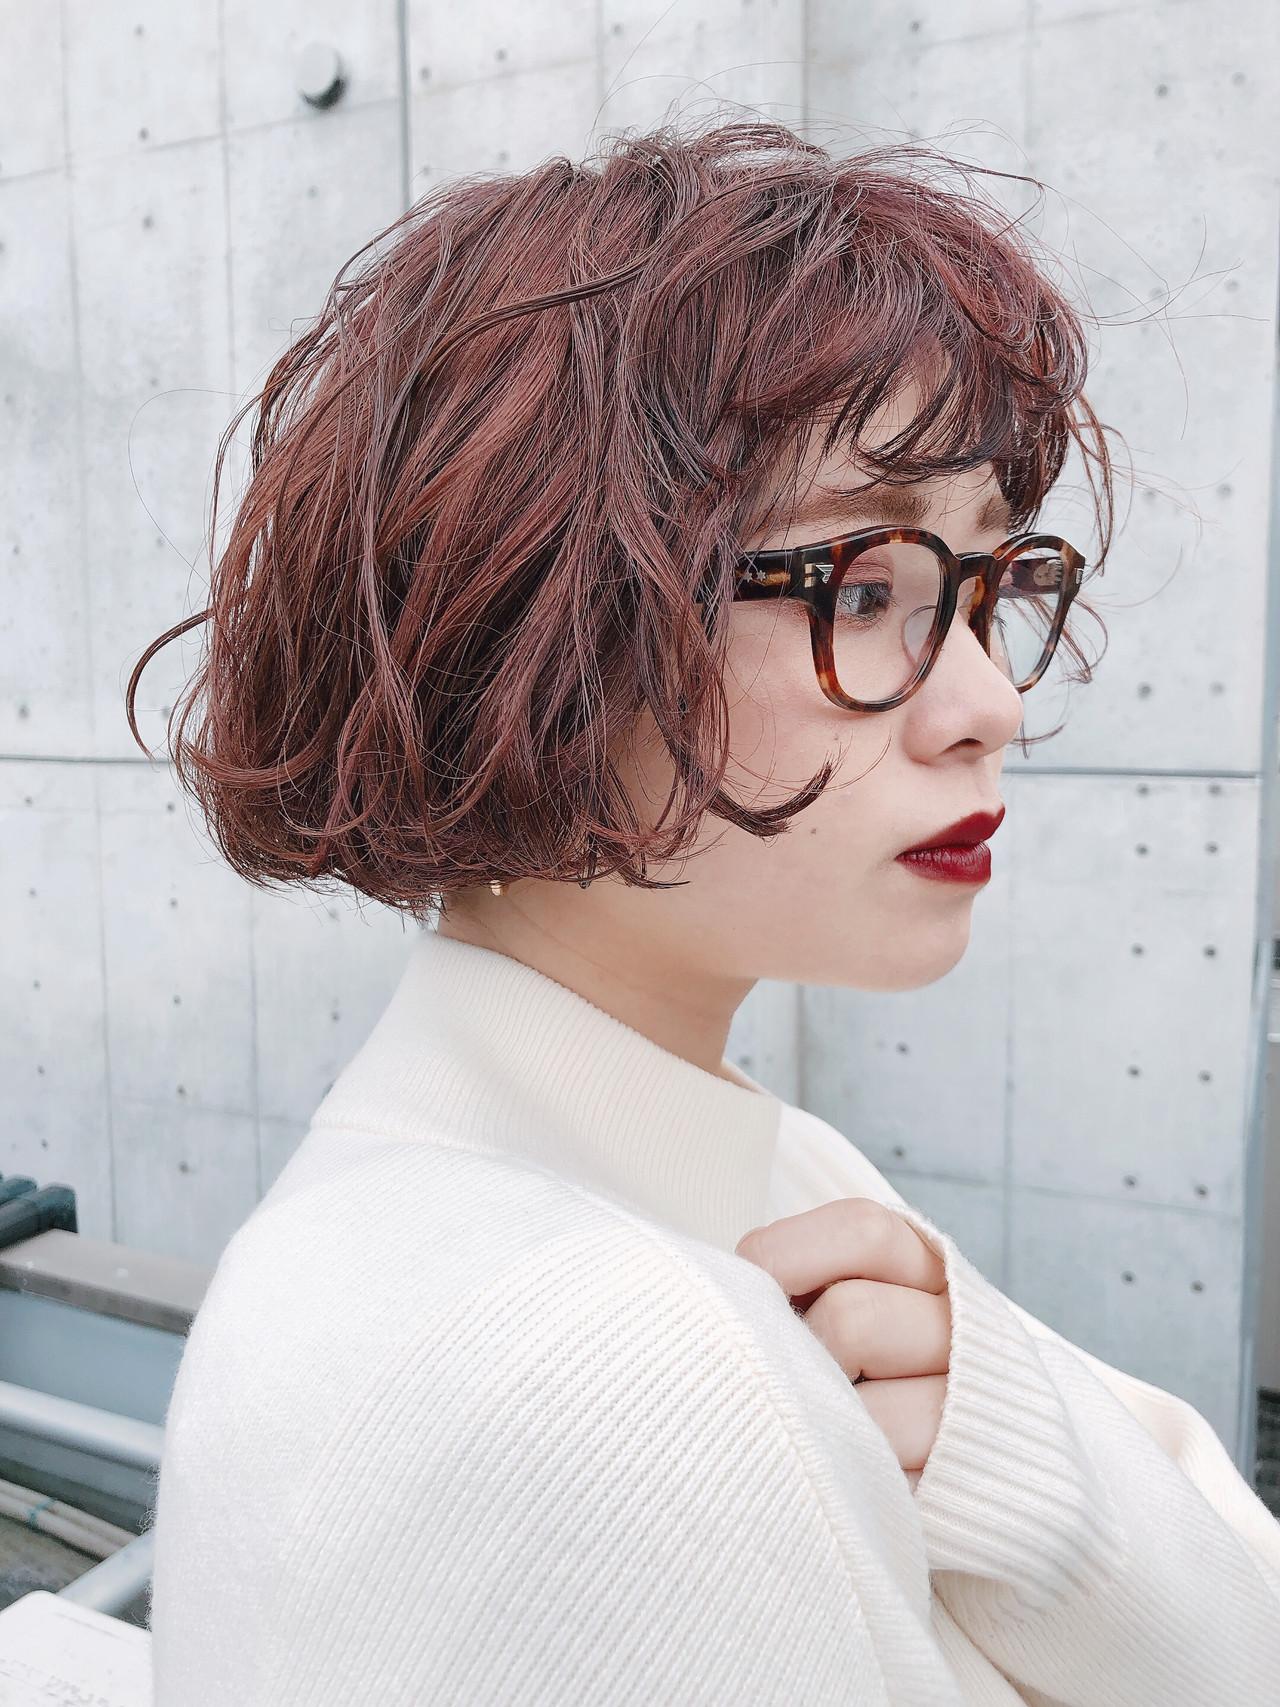 ピンクアッシュ ナチュラル ラベンダーピンク アンニュイほつれヘア ヘアスタイルや髪型の写真・画像